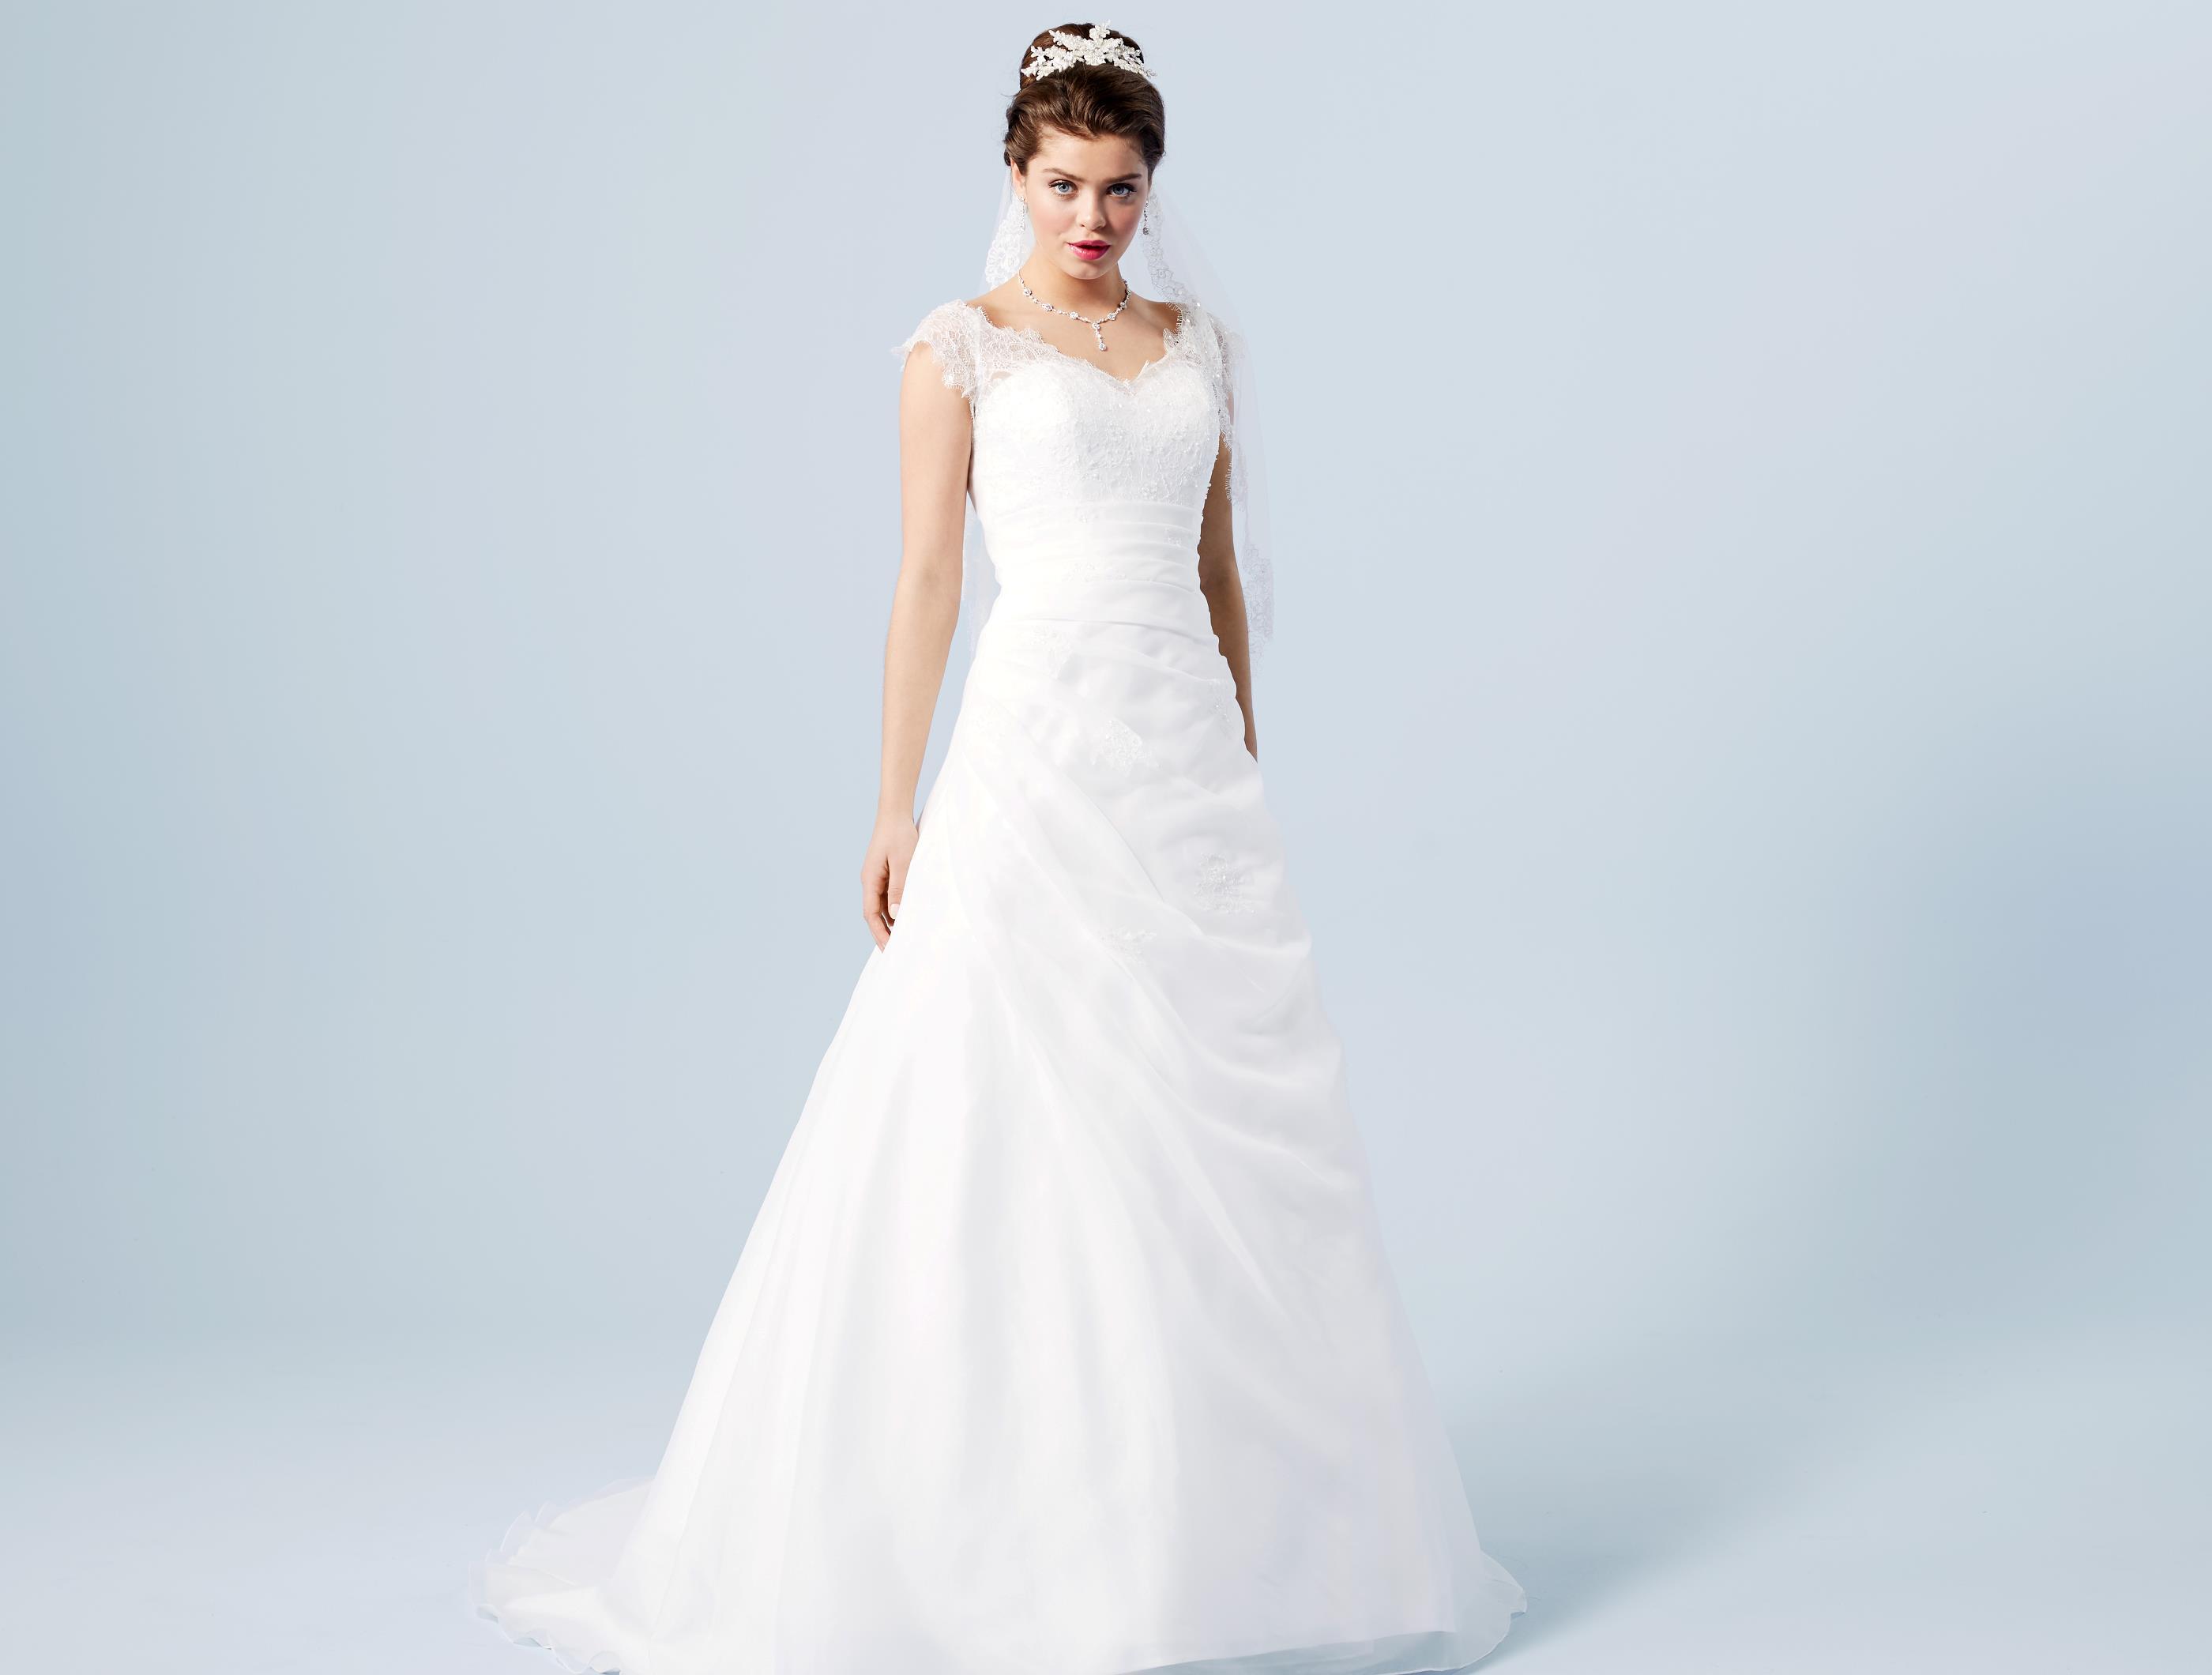 Ausgezeichnet Brautkleid änderungen Atlanta Zeitgenössisch ...